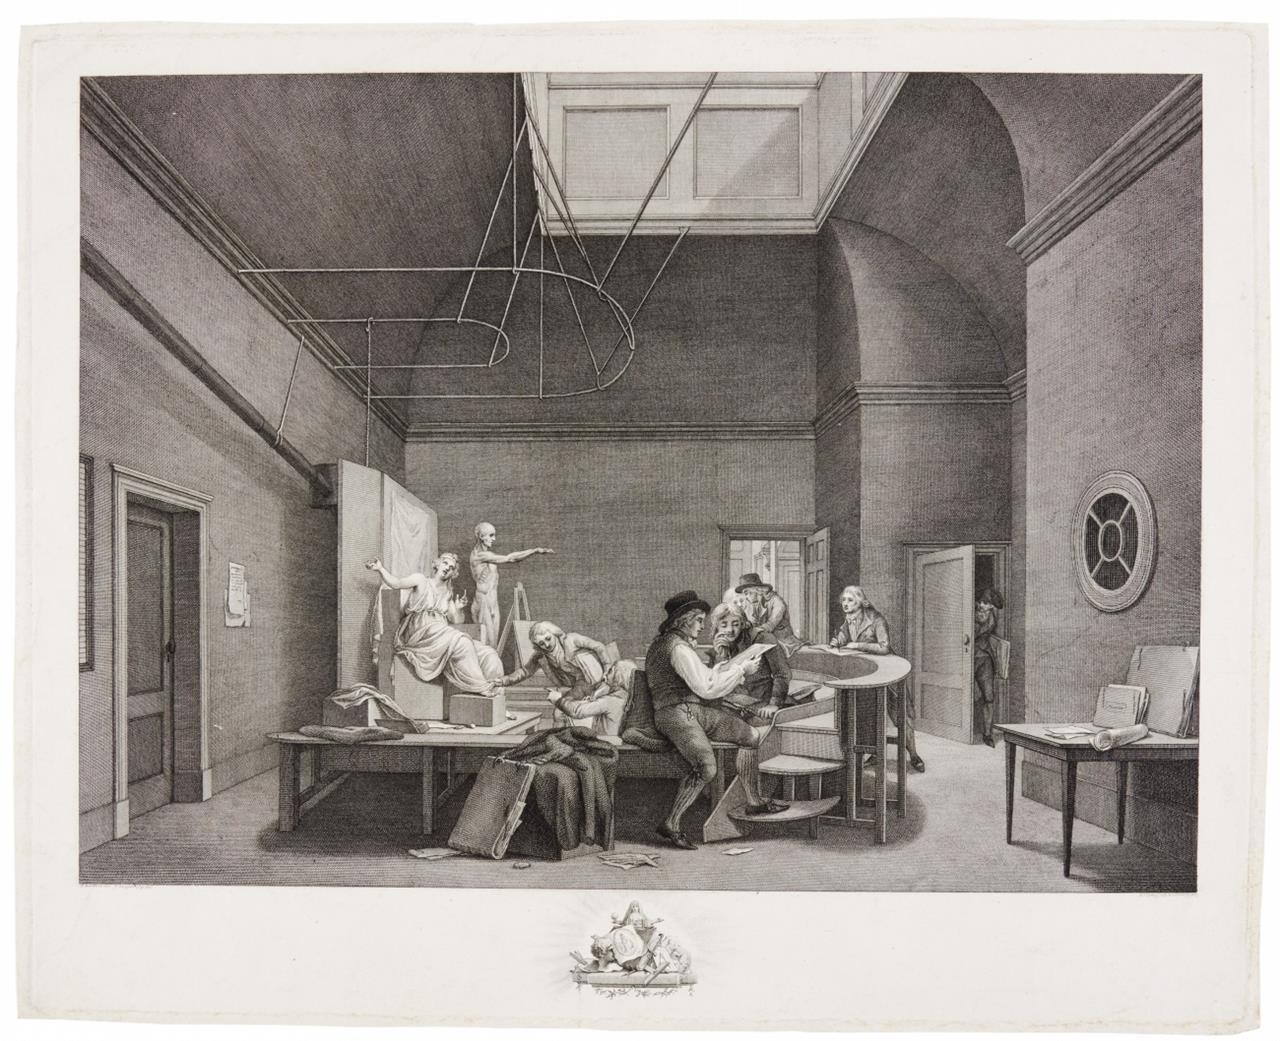 Reinier Vinkeles. Teken Zaal in het Gebouw der Maatschappye Felix Meritis. Um 1800. Kupferstich und Radierung.